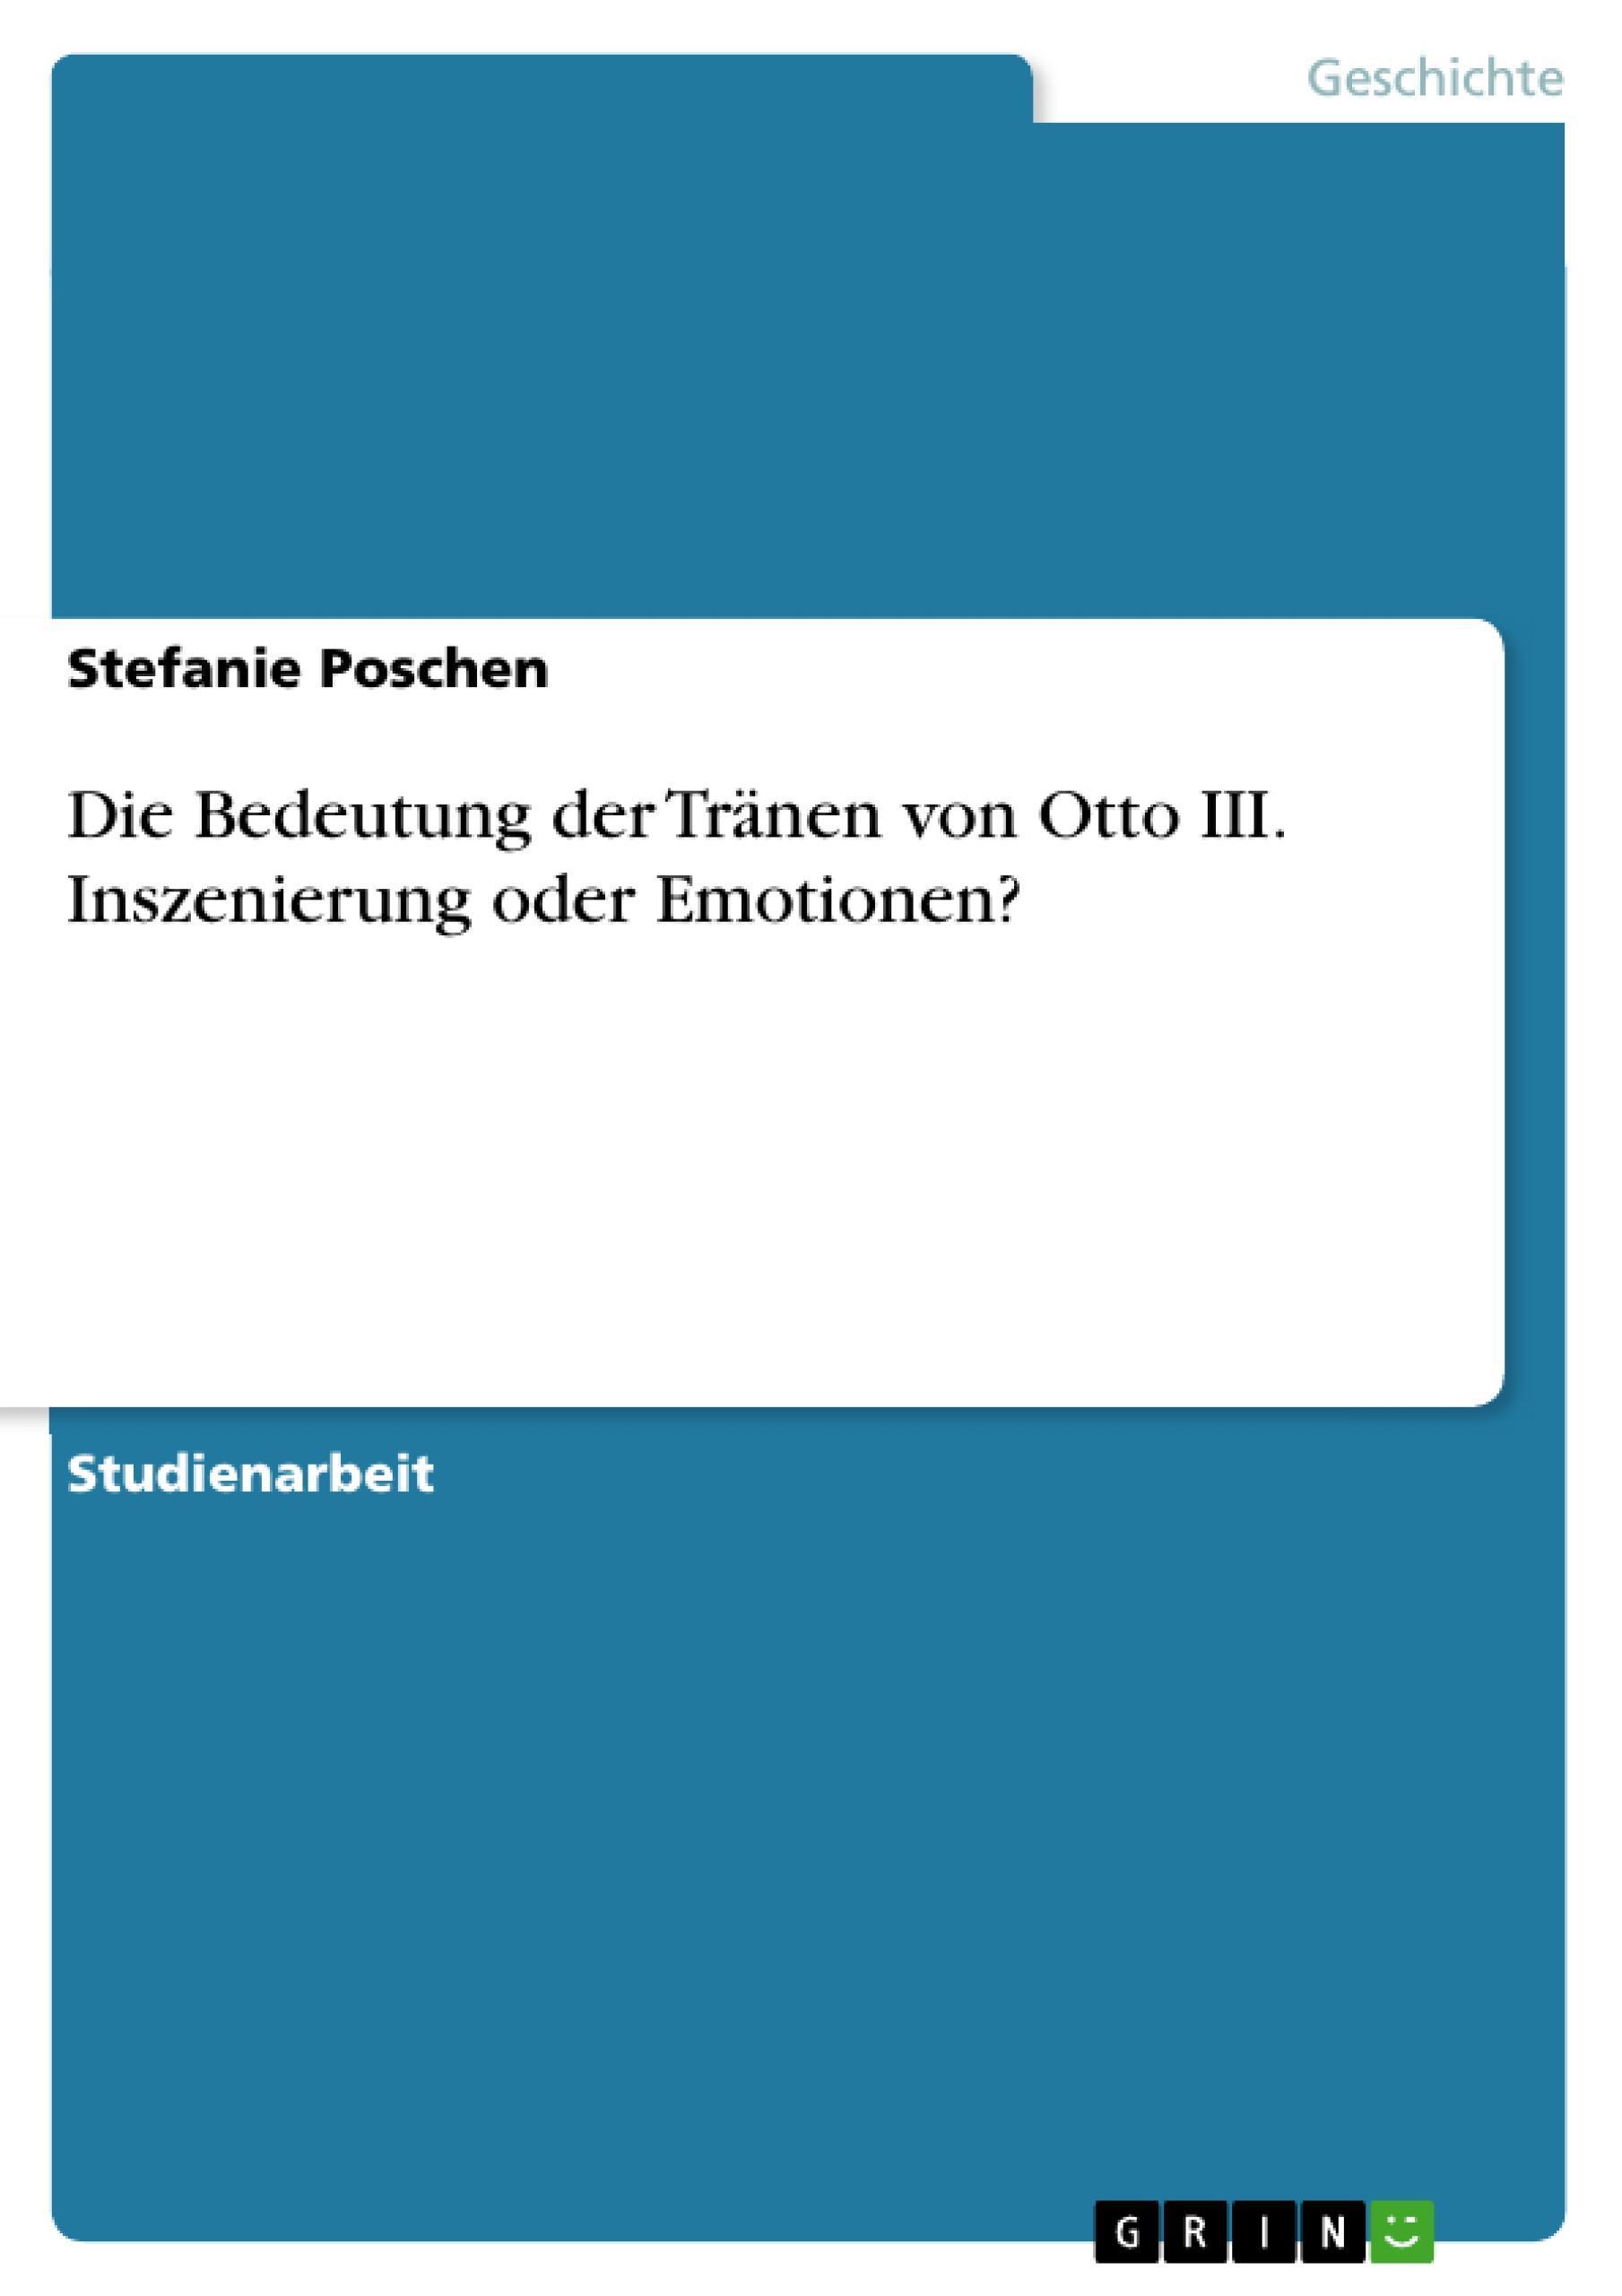 Die Bedeutung der Tränen von Otto III. Inszenierung oder Emotionen? Stefani ...